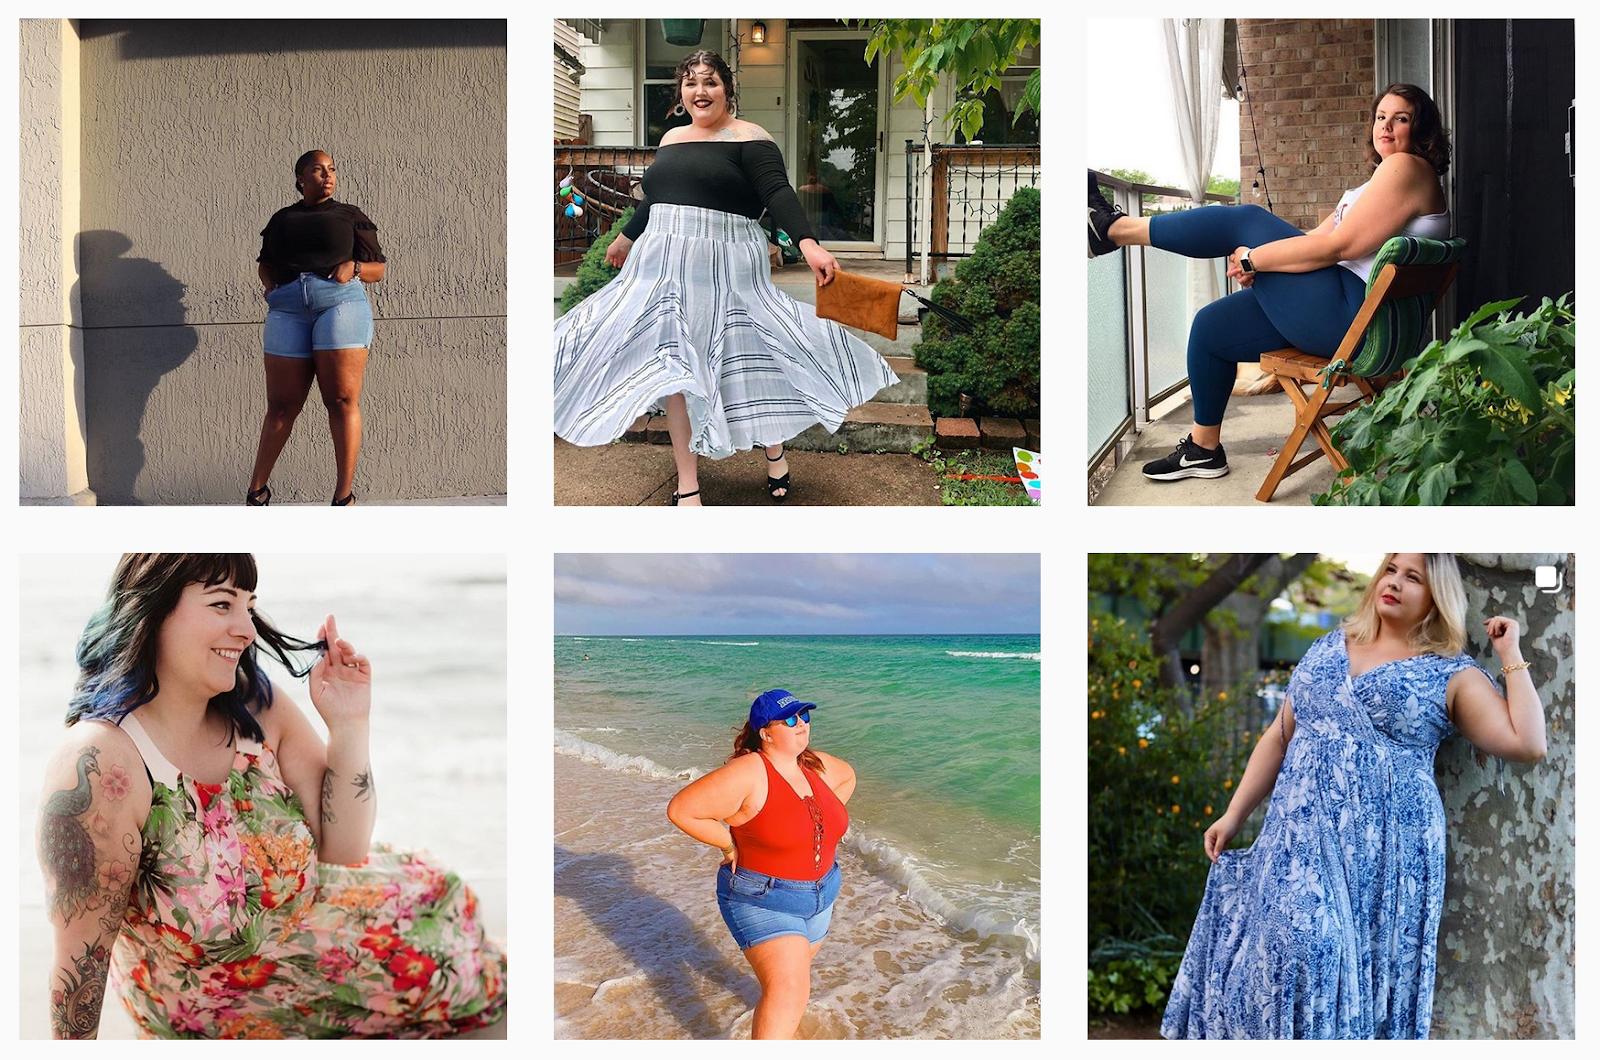 Dia & Co - Plus Size Women's Clothing